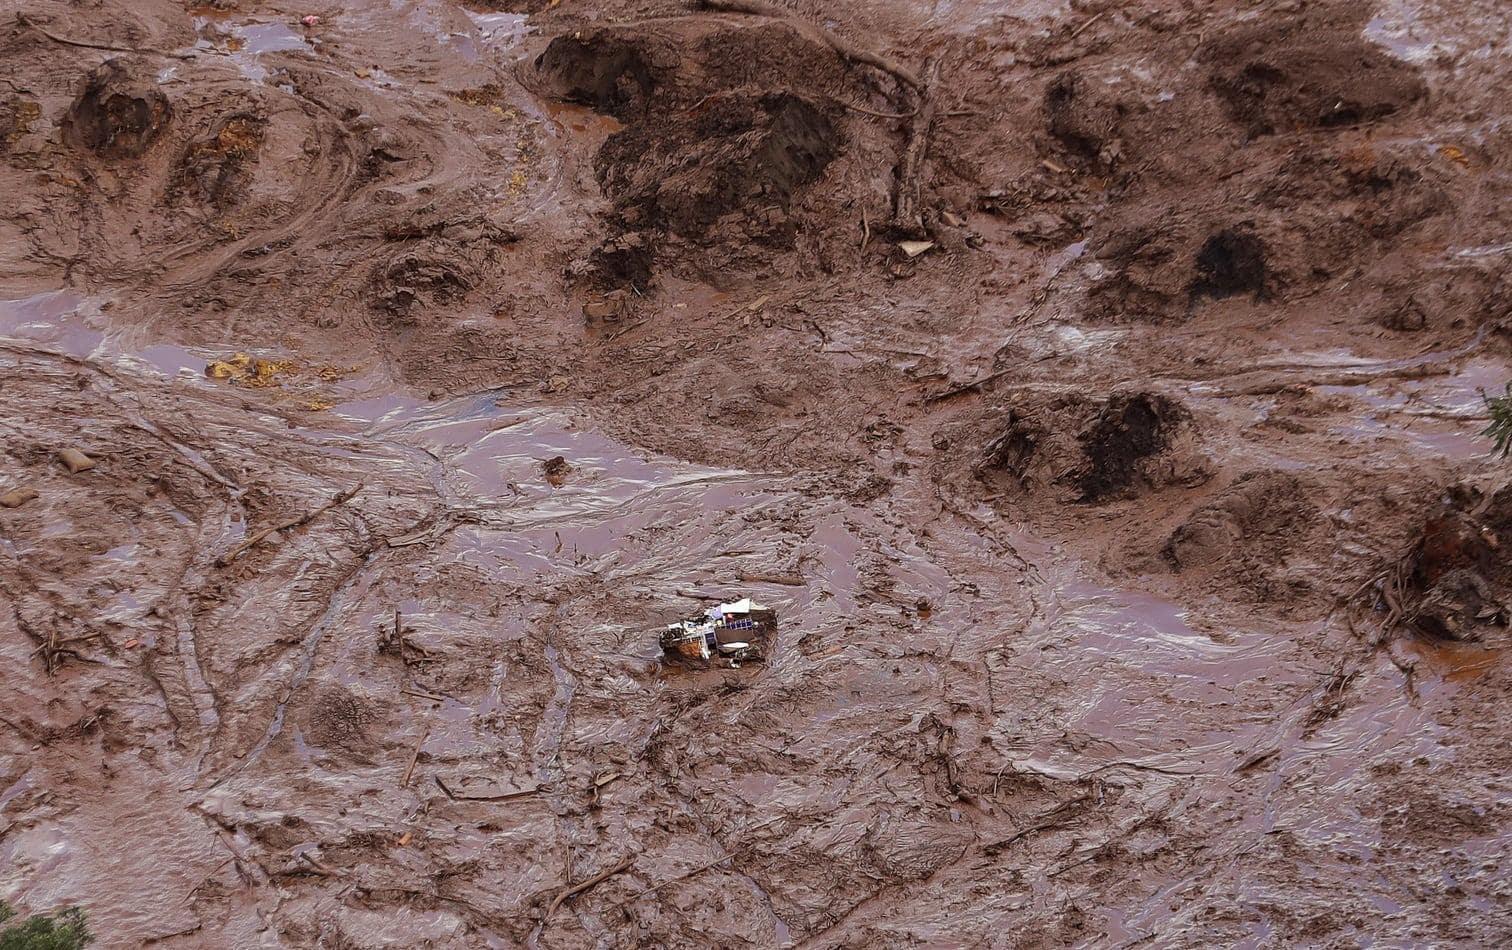 <p>Nach dem Dammbruch und einer anschließenden Schlammlawine im Südosten Brasiliens ist die Zahl der Toten und Vermissten nach Feuerwehrangaben weiter gestiegen.</p> Foto: dpa/Andre Penner